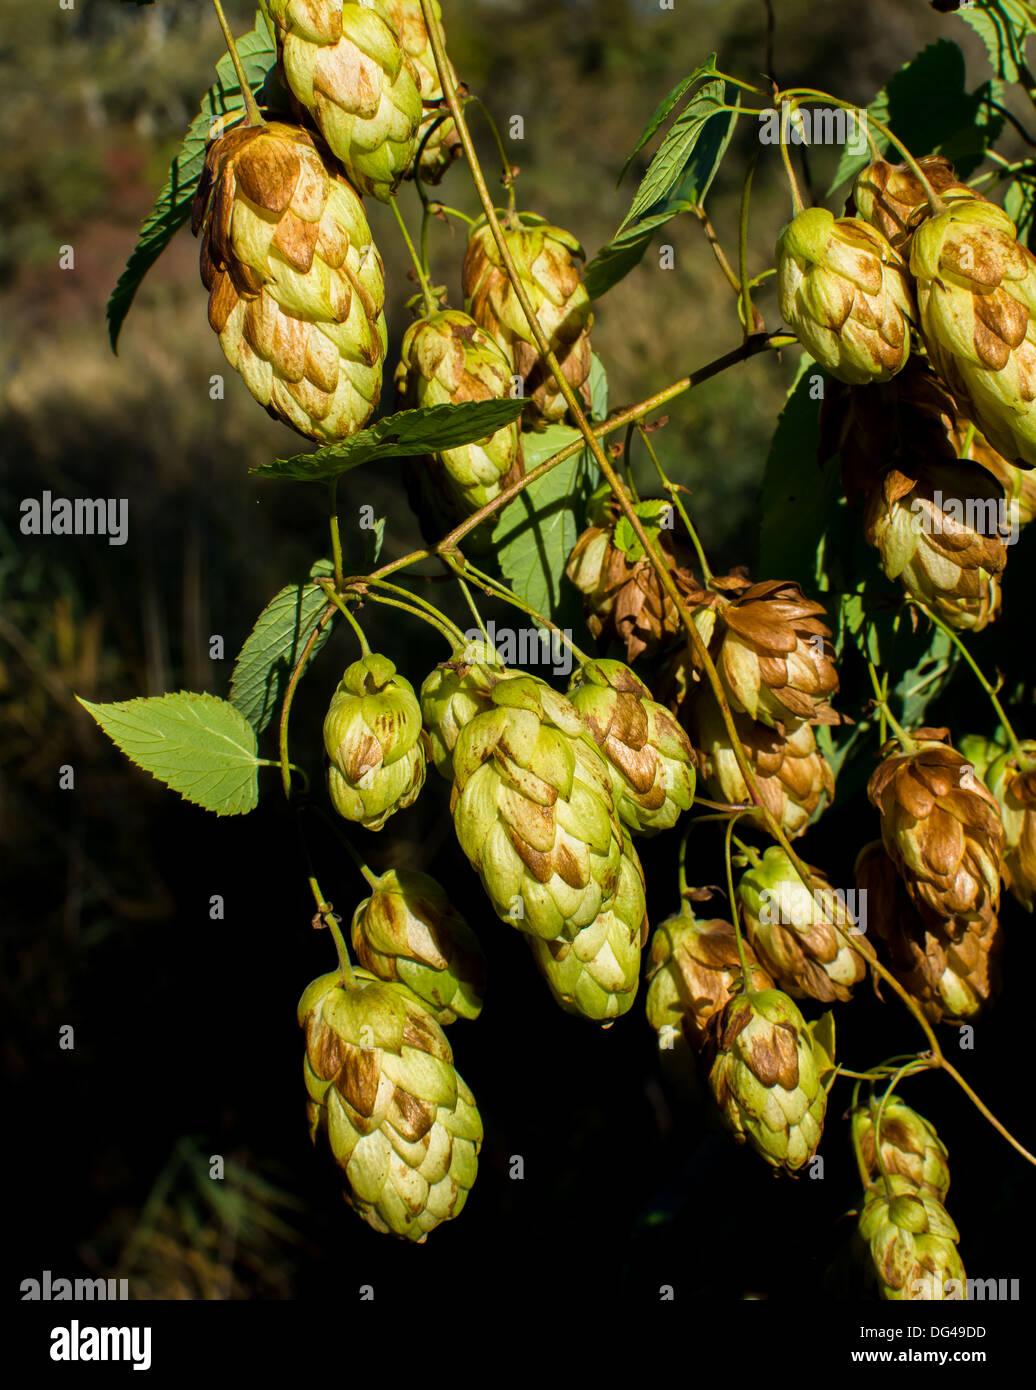 Sunlit hops - Stock Image